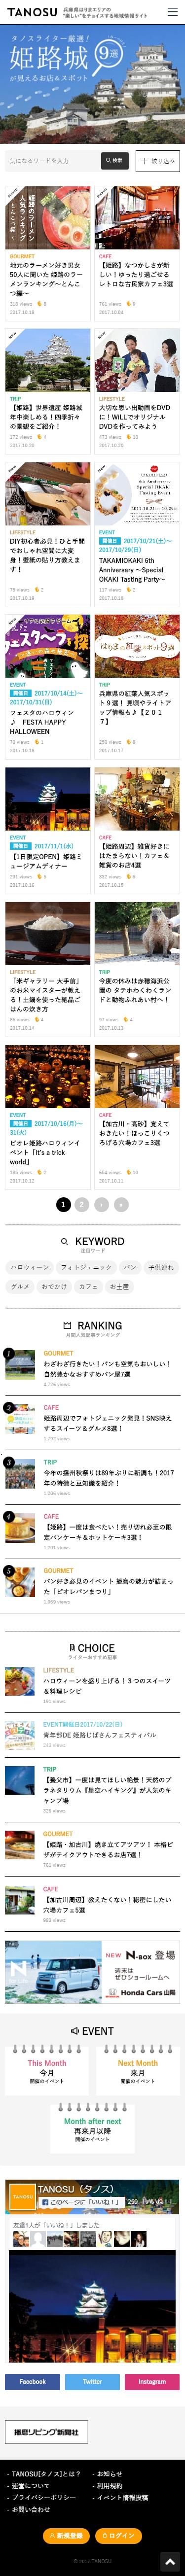 姫路市 播磨リビング新聞社様 はりま情報サイトTANOSUタノス ポータルサイト制作3